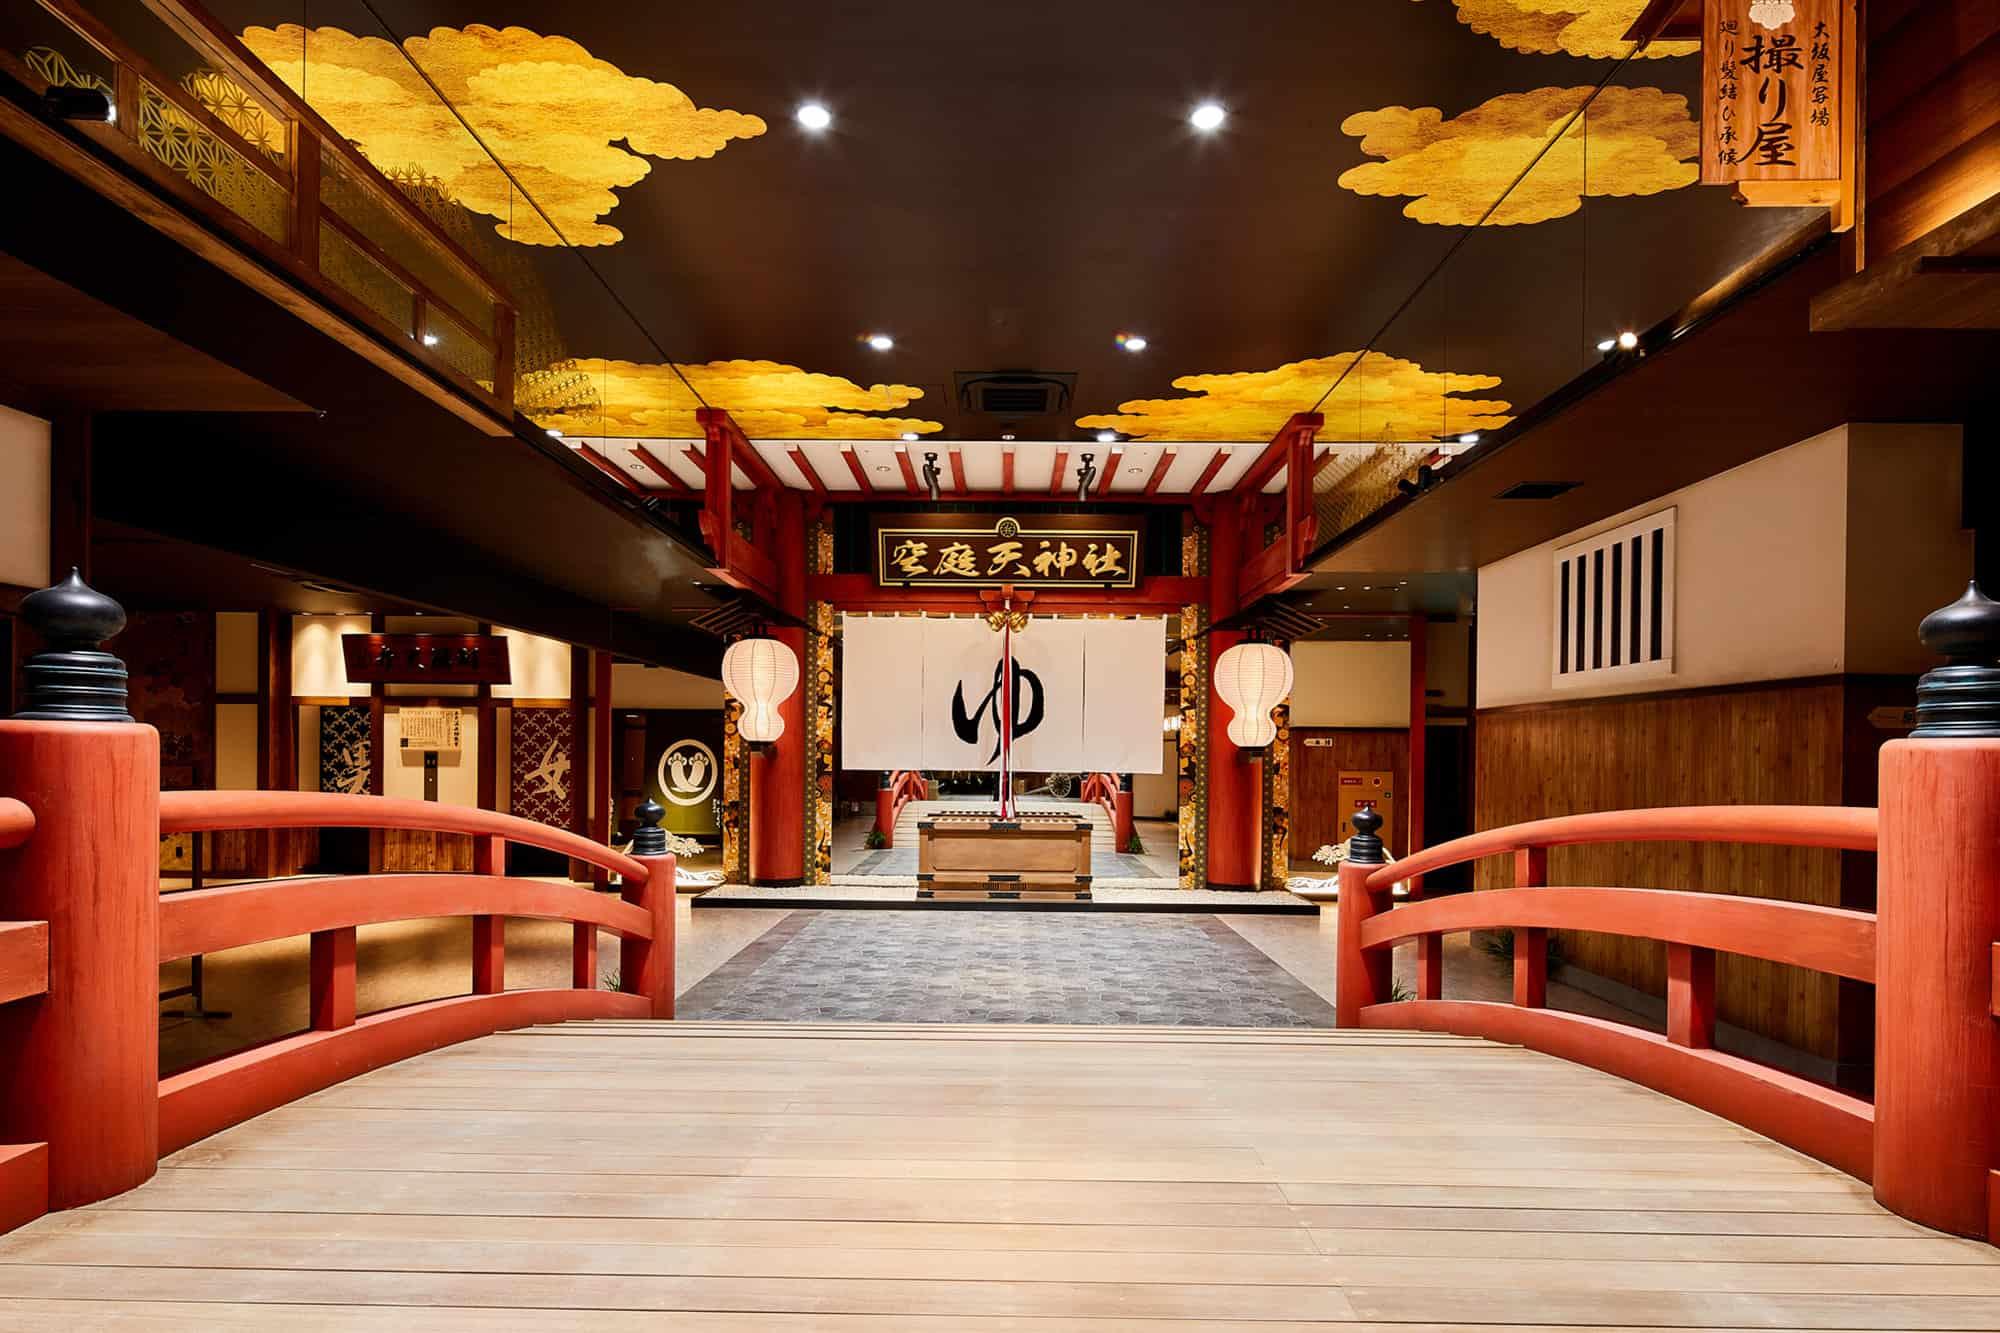 การตกแต่งภายในโซระนิวะ ออนเซ็น (Solaniwa Onsen) โอซาก้า (Osaka)